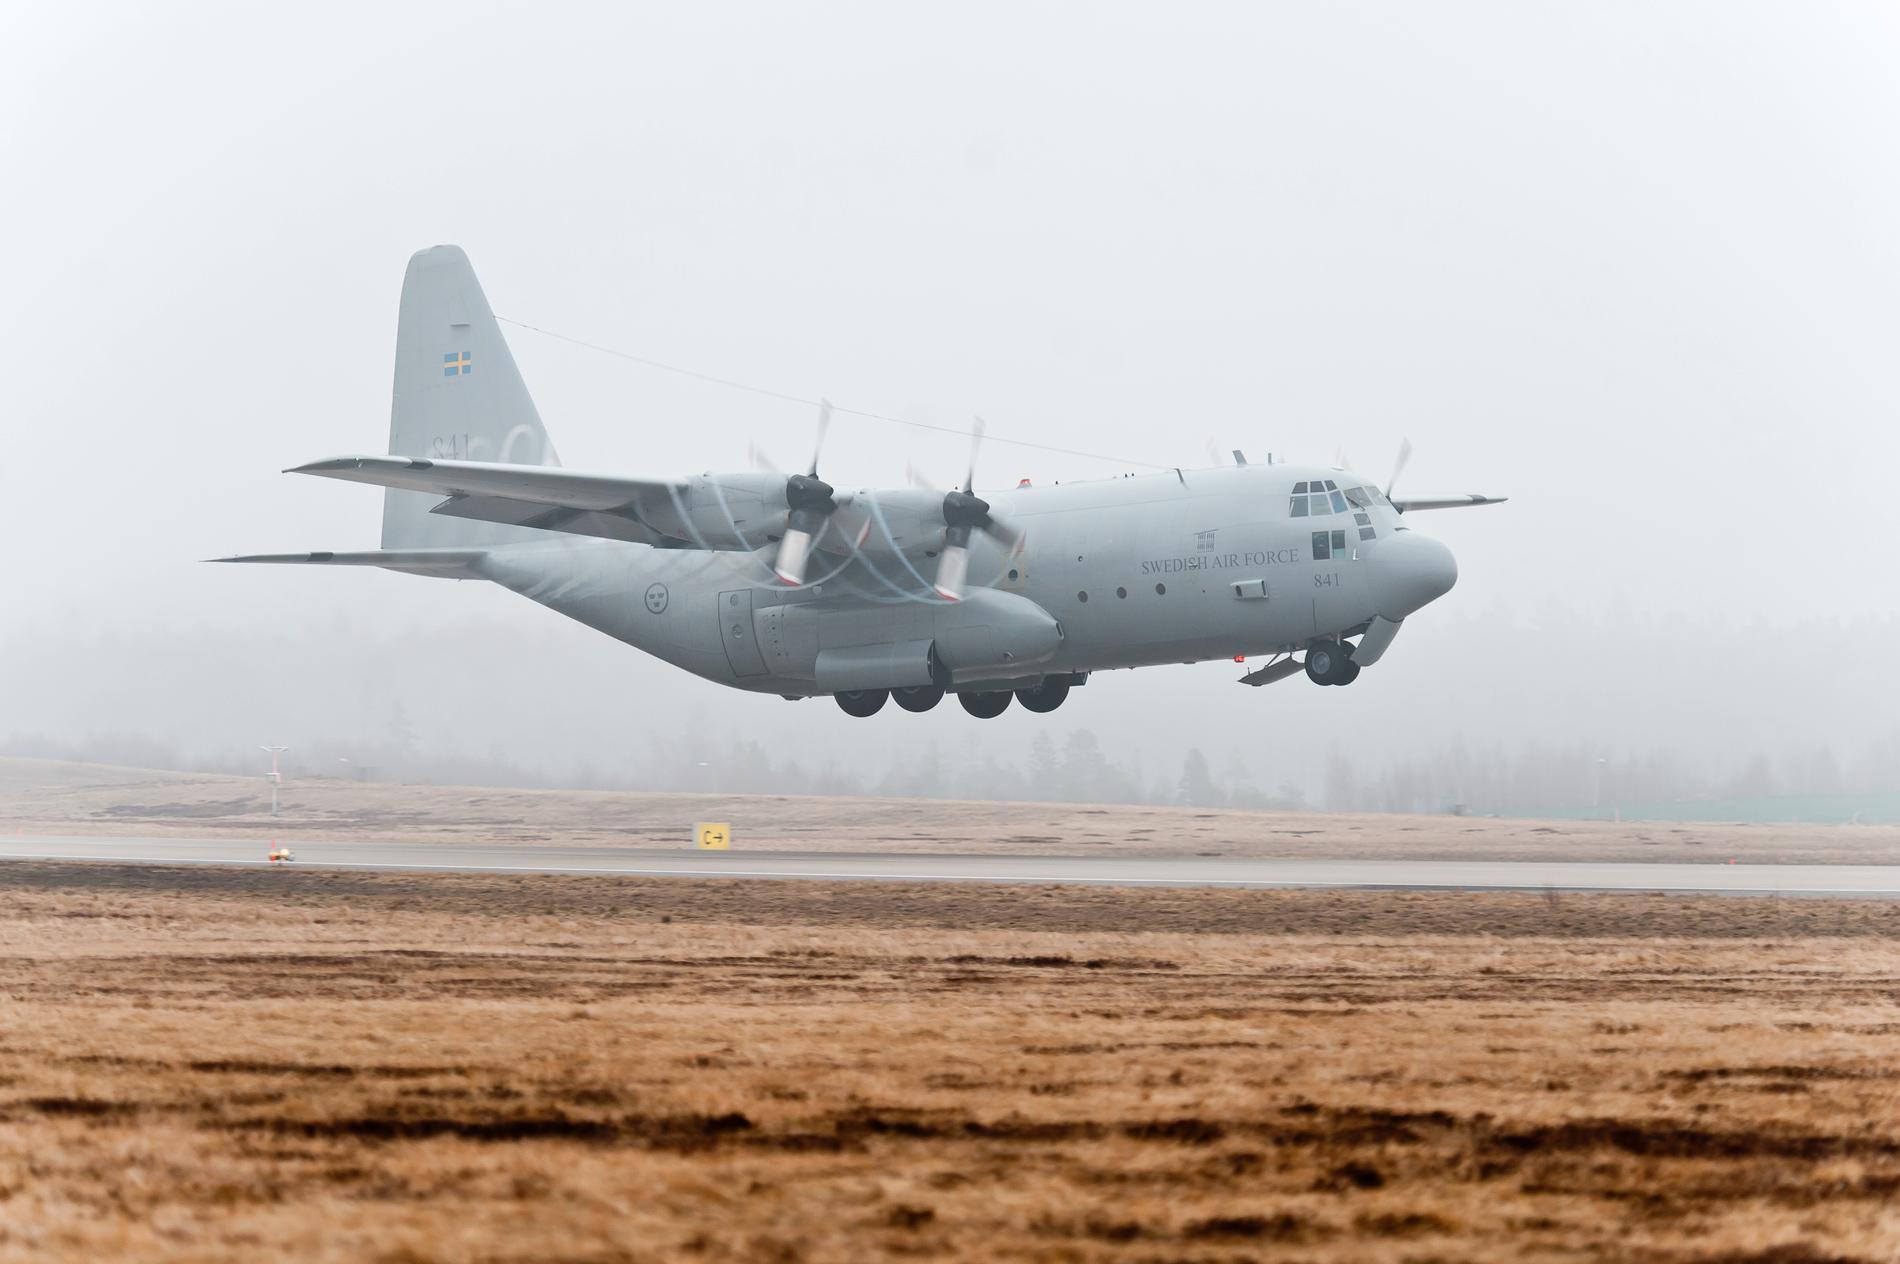 Försvarsmaktens Herculesplan användes vid evakueringen från Afghanistan.